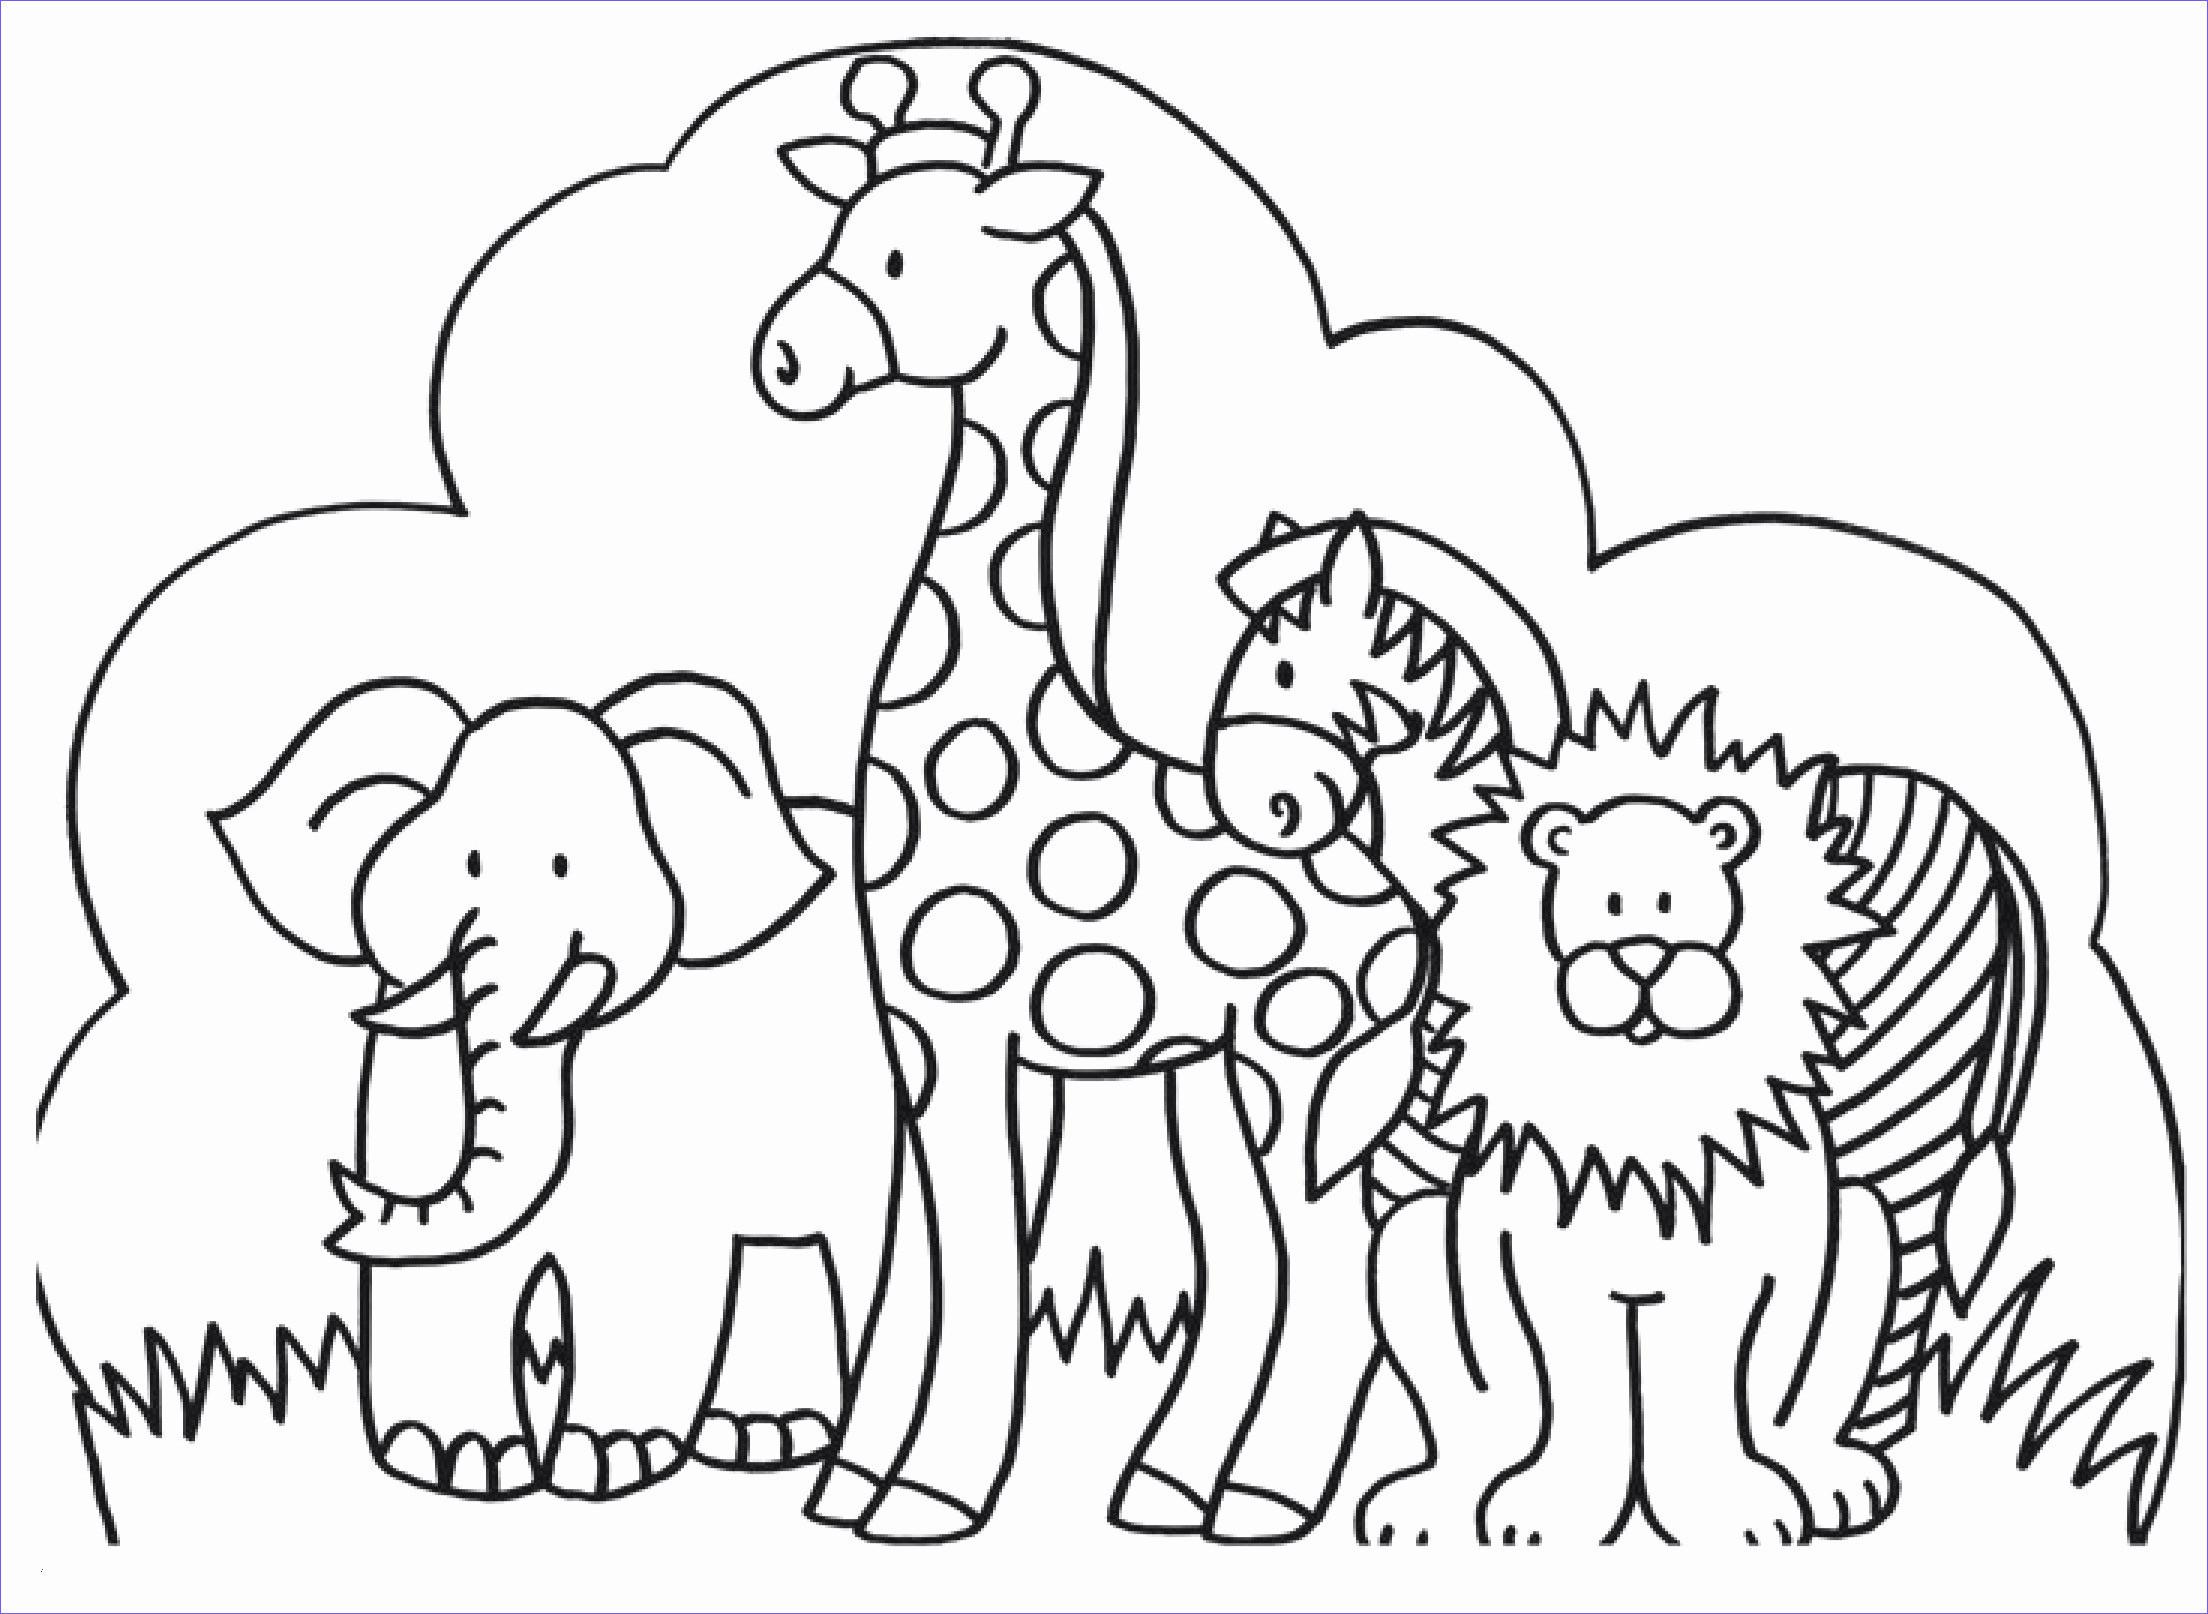 Malvorlagen tom Und Jerry Einzigartig Ausmalbilder tom Und Jerry Elegant Ausmalbilder Dinotrux Bild